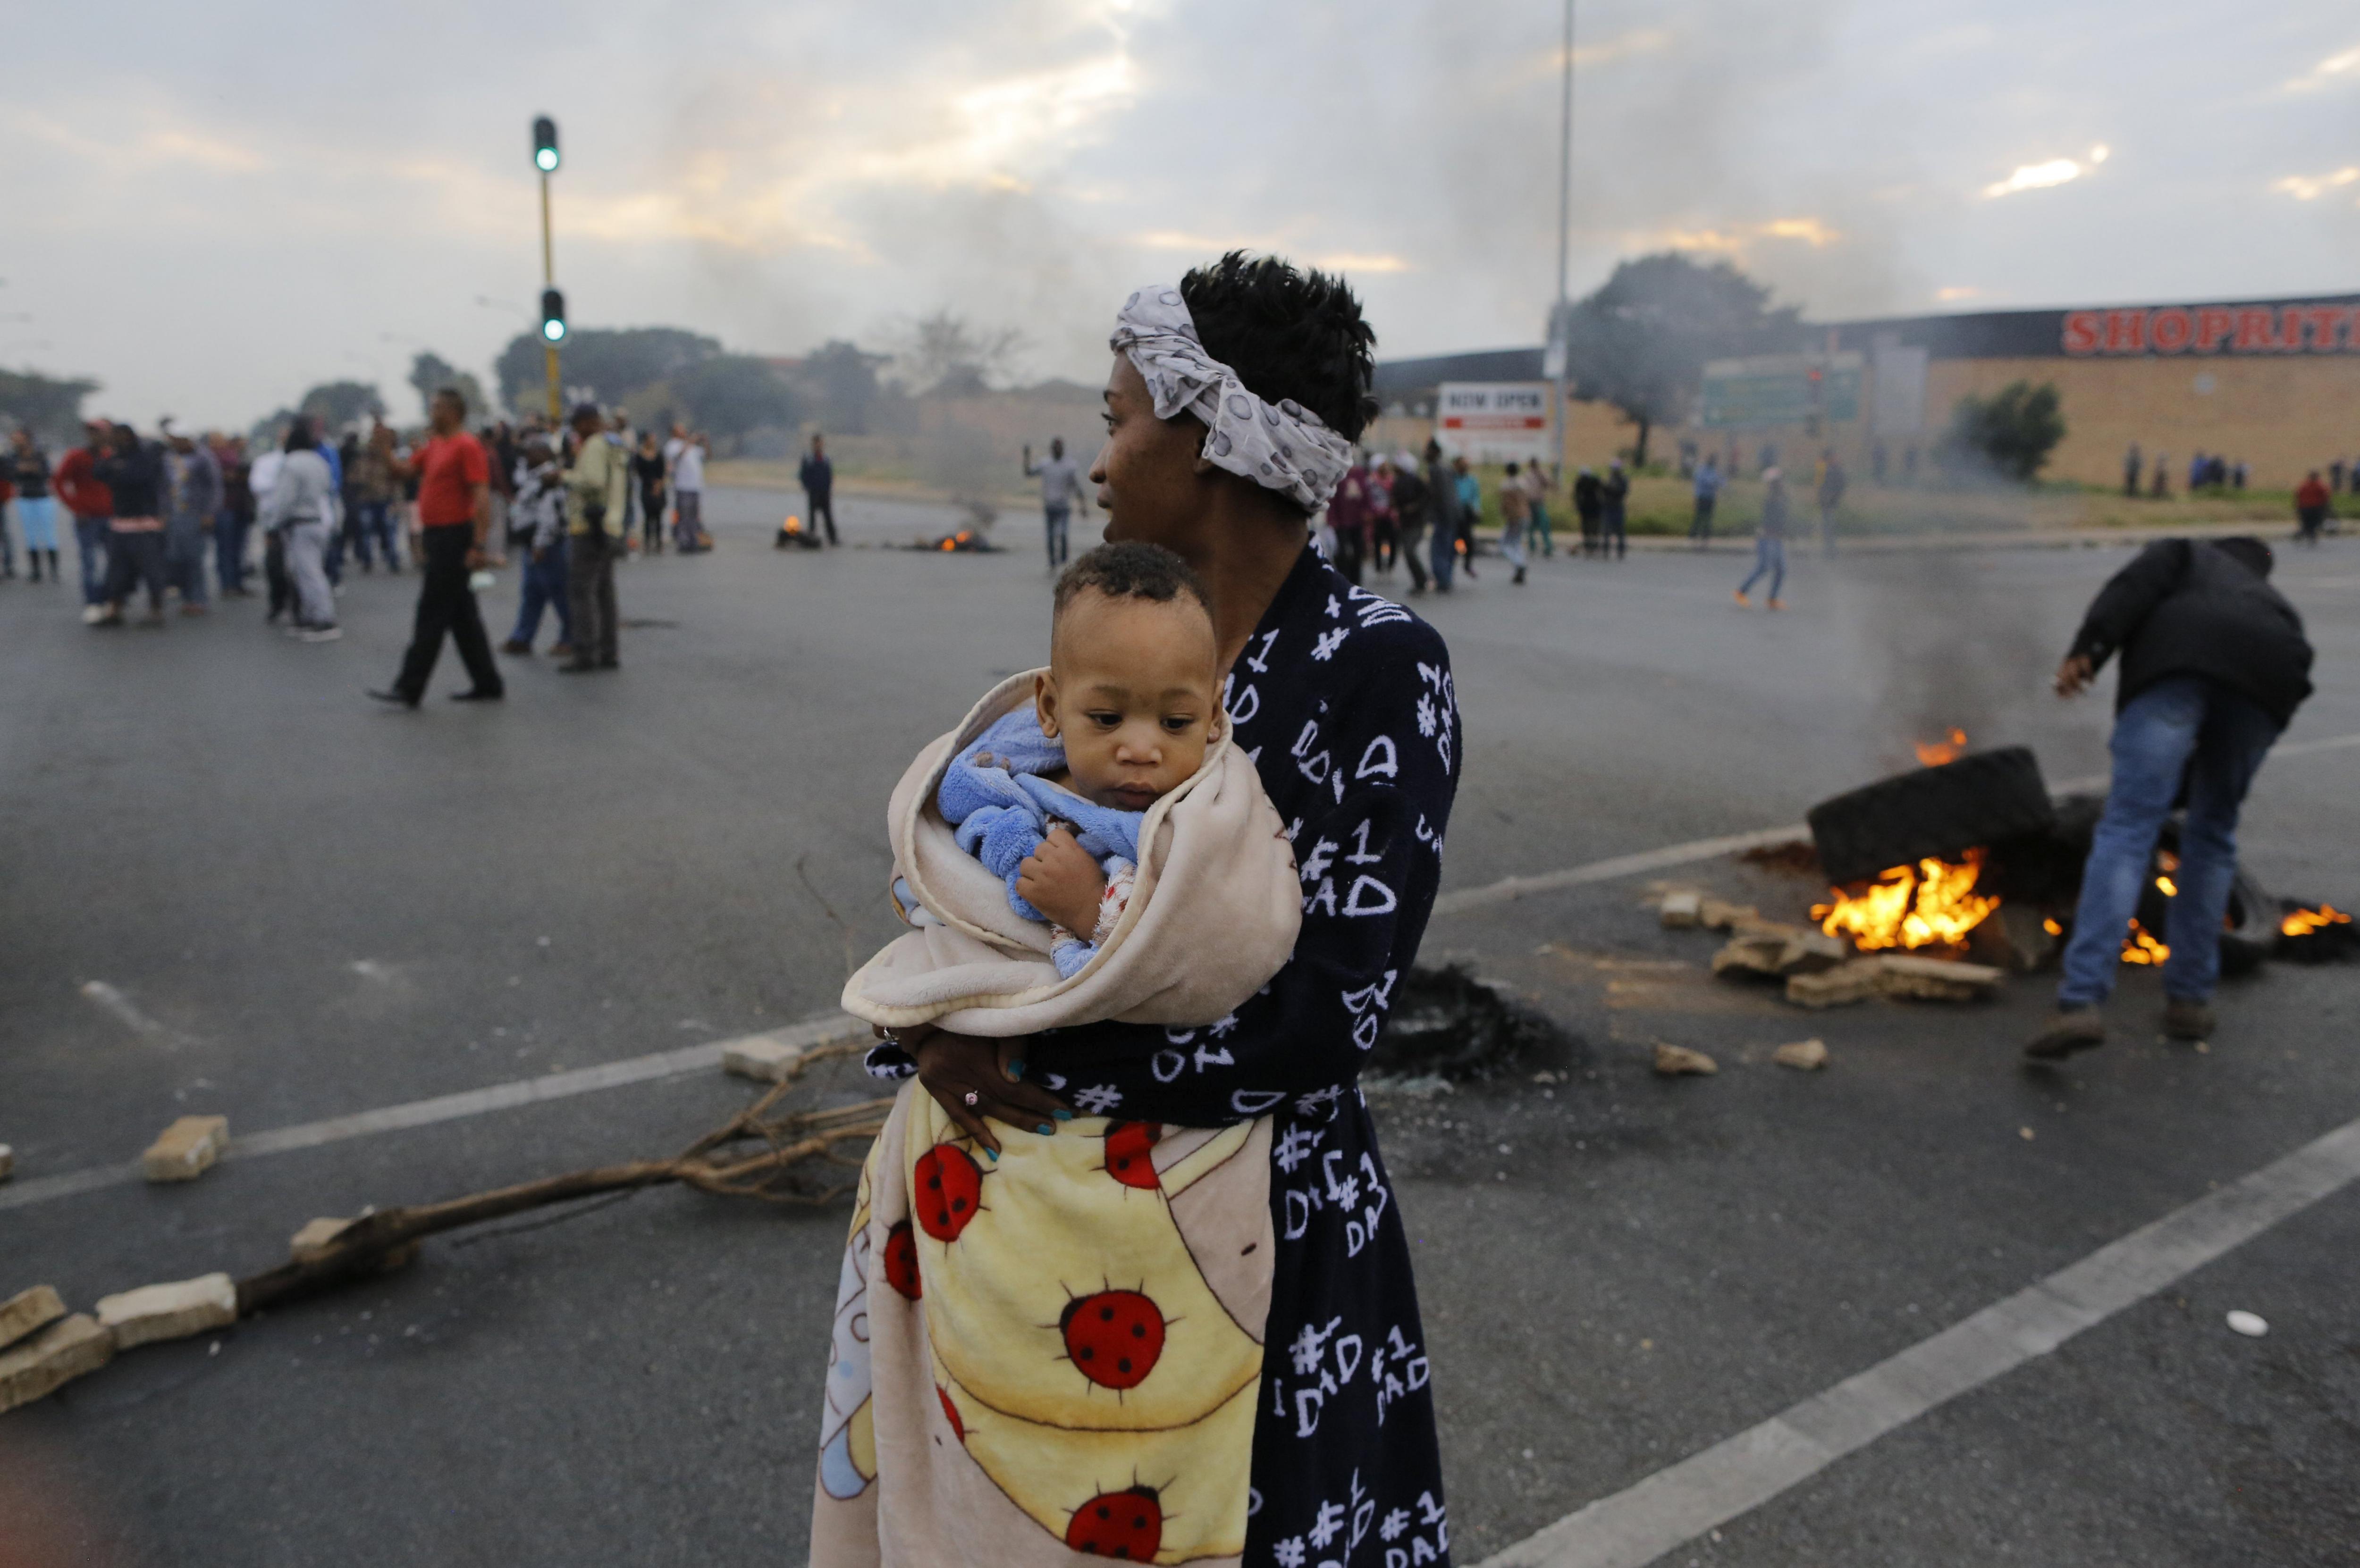 Una dona sud-africana amb el seu fill en braços se suma a la protesta per reclamar el dret a un habitatge i a un lloc de feina a Johannesburg (Sud-àfrica). /KIM LUDBROOK